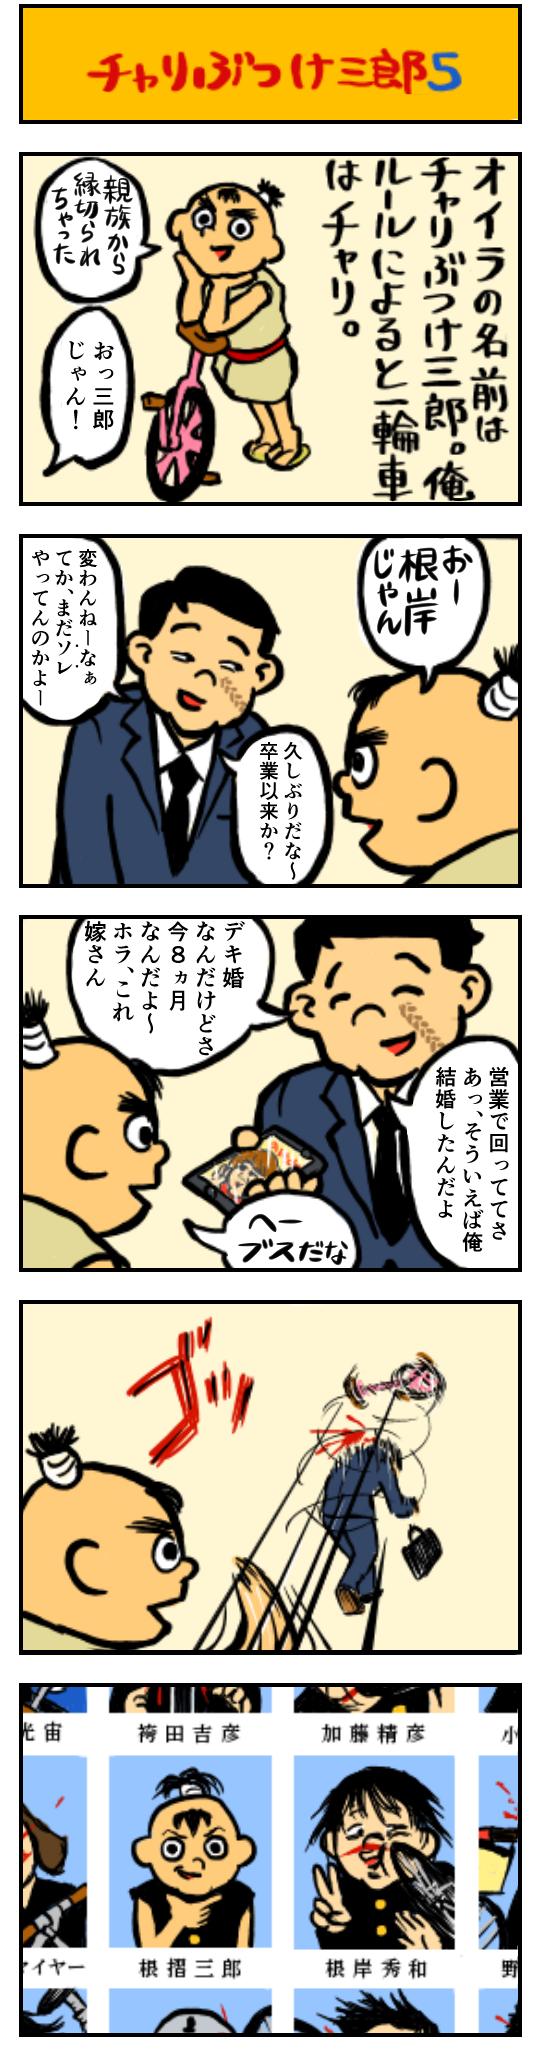 チャリぶつけ三郎5